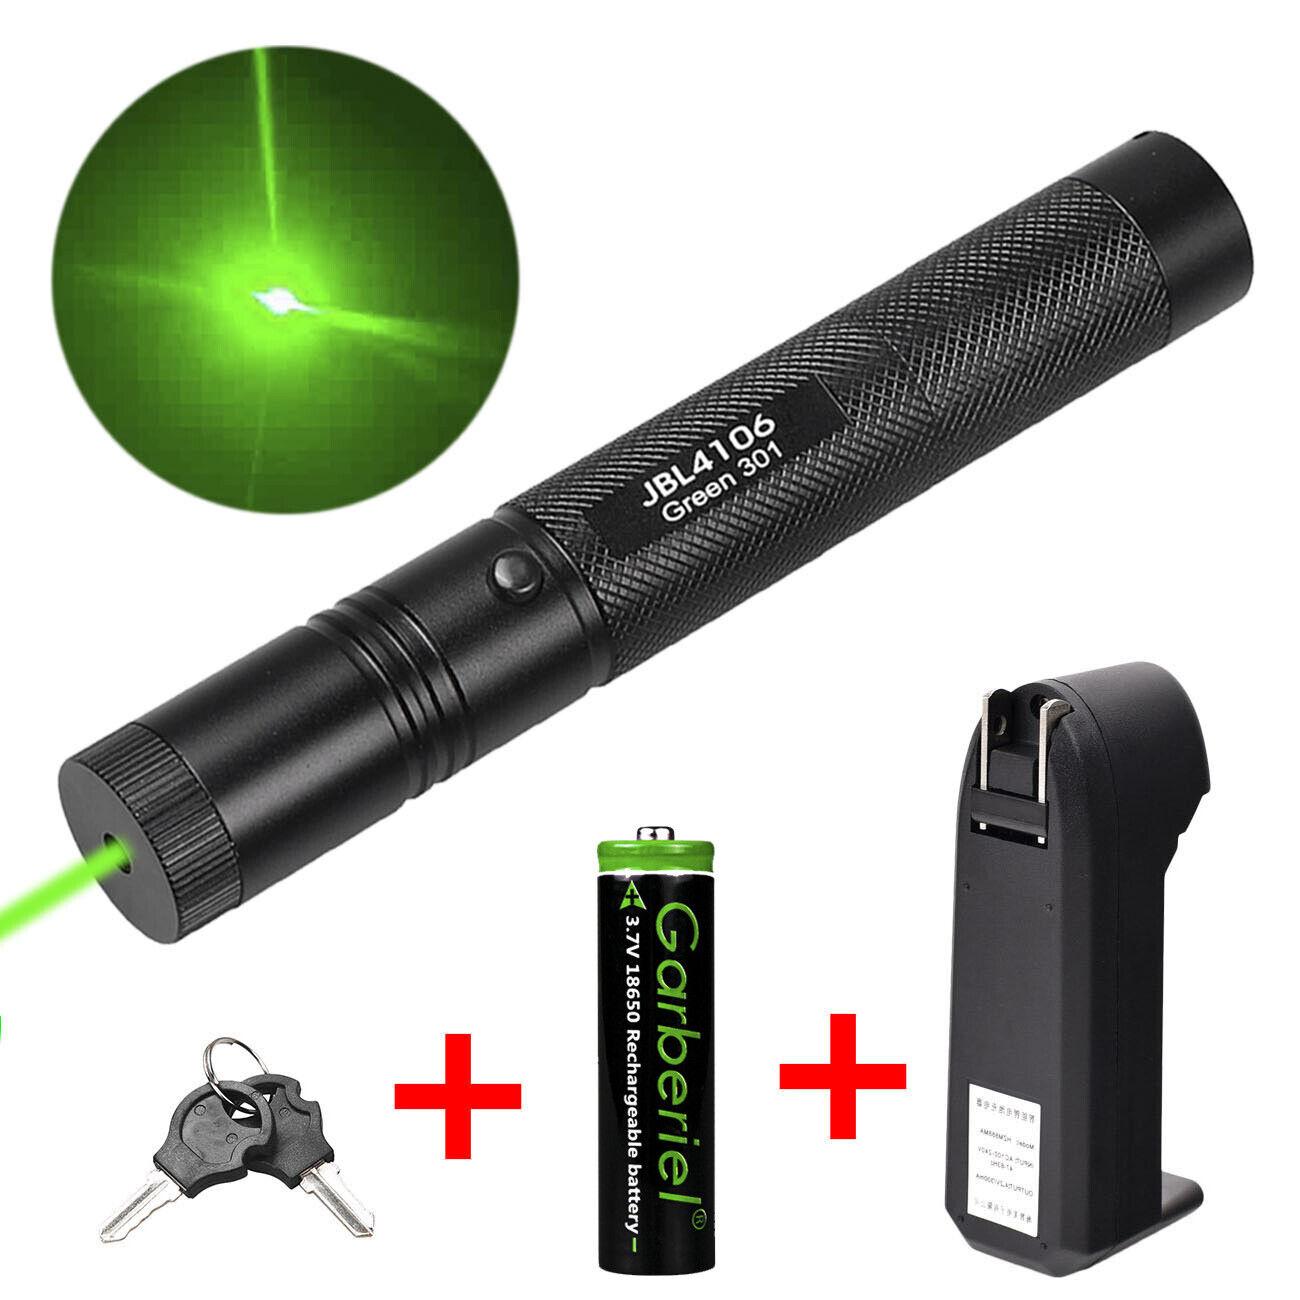 Green Laser Pointer Pen 650nm 1mW Burning High Power Beam Light